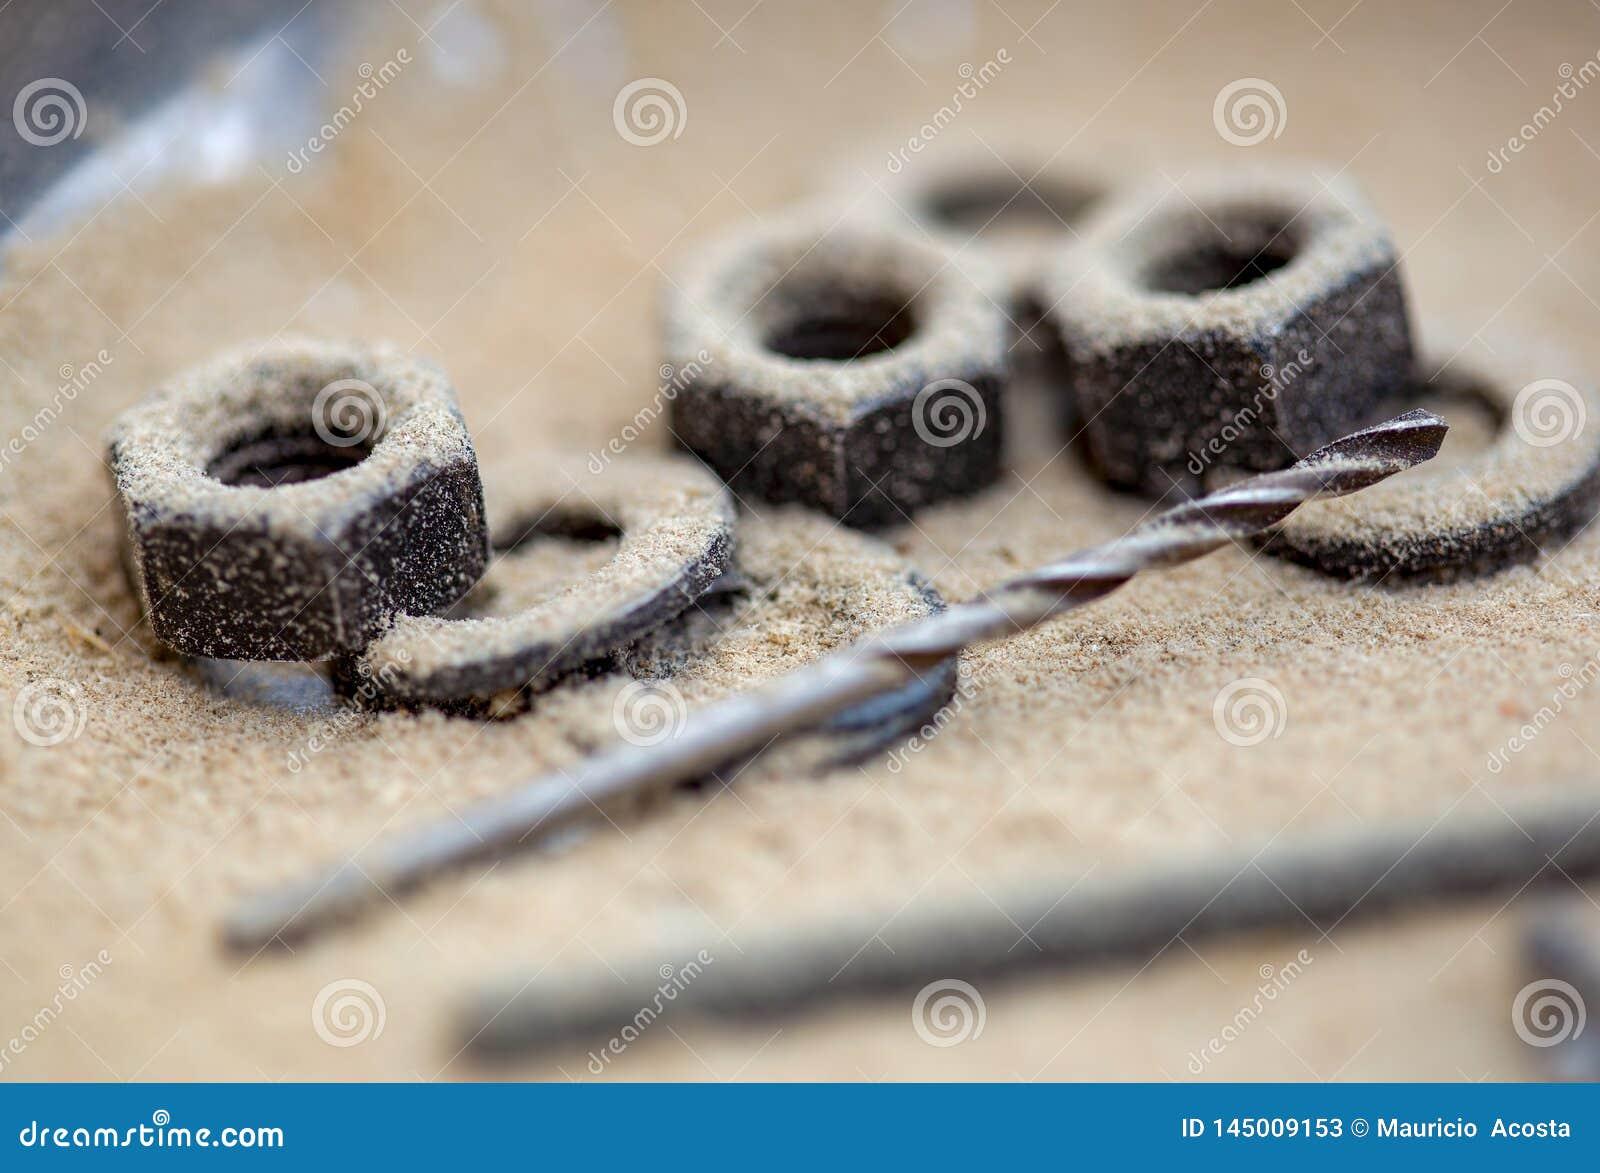 Taladro y algunas nueces y anillos de embalaje